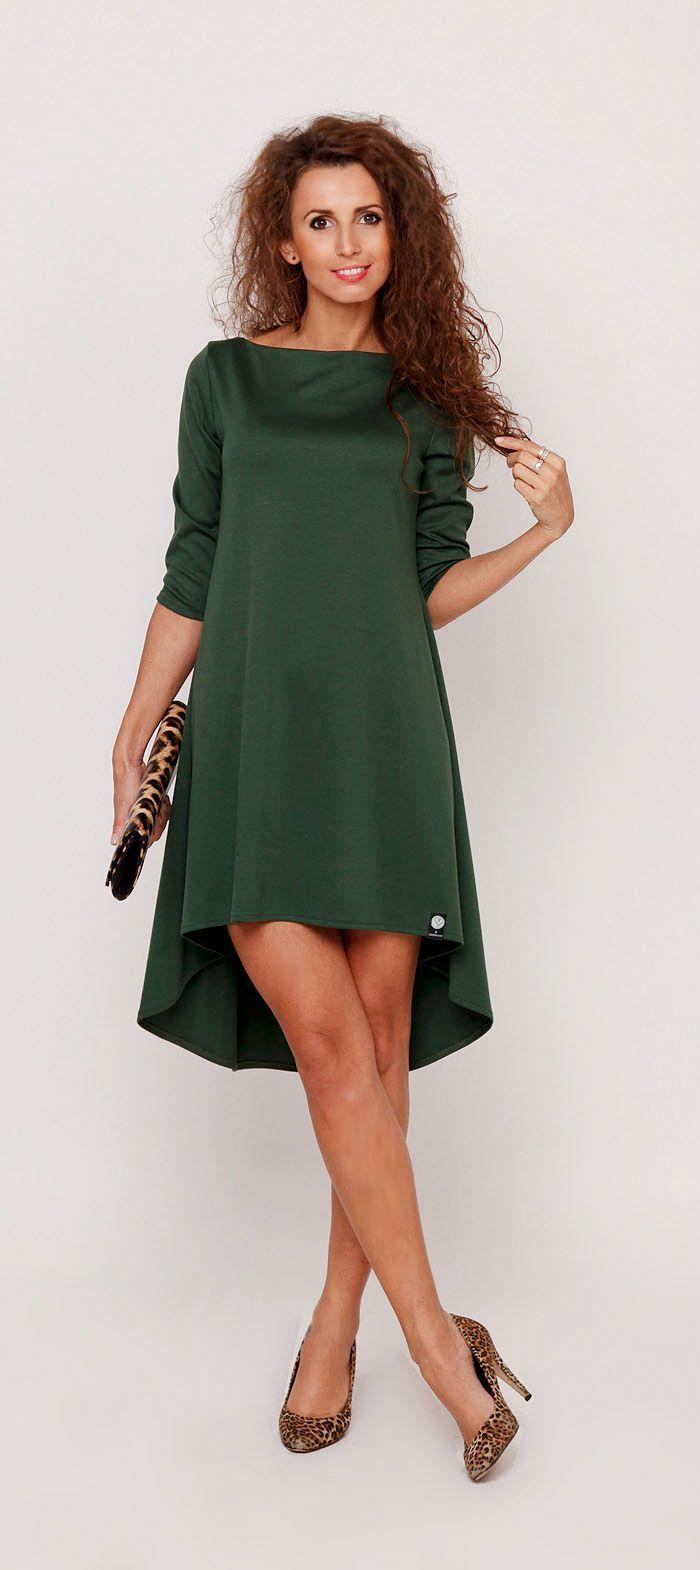 86ba790a8bdc6a Sukienkowo.pl - Sukienka trapezowa asymetryczna oversize MELISA butelkowa  zieleń Szycie, Sukienki, Styl